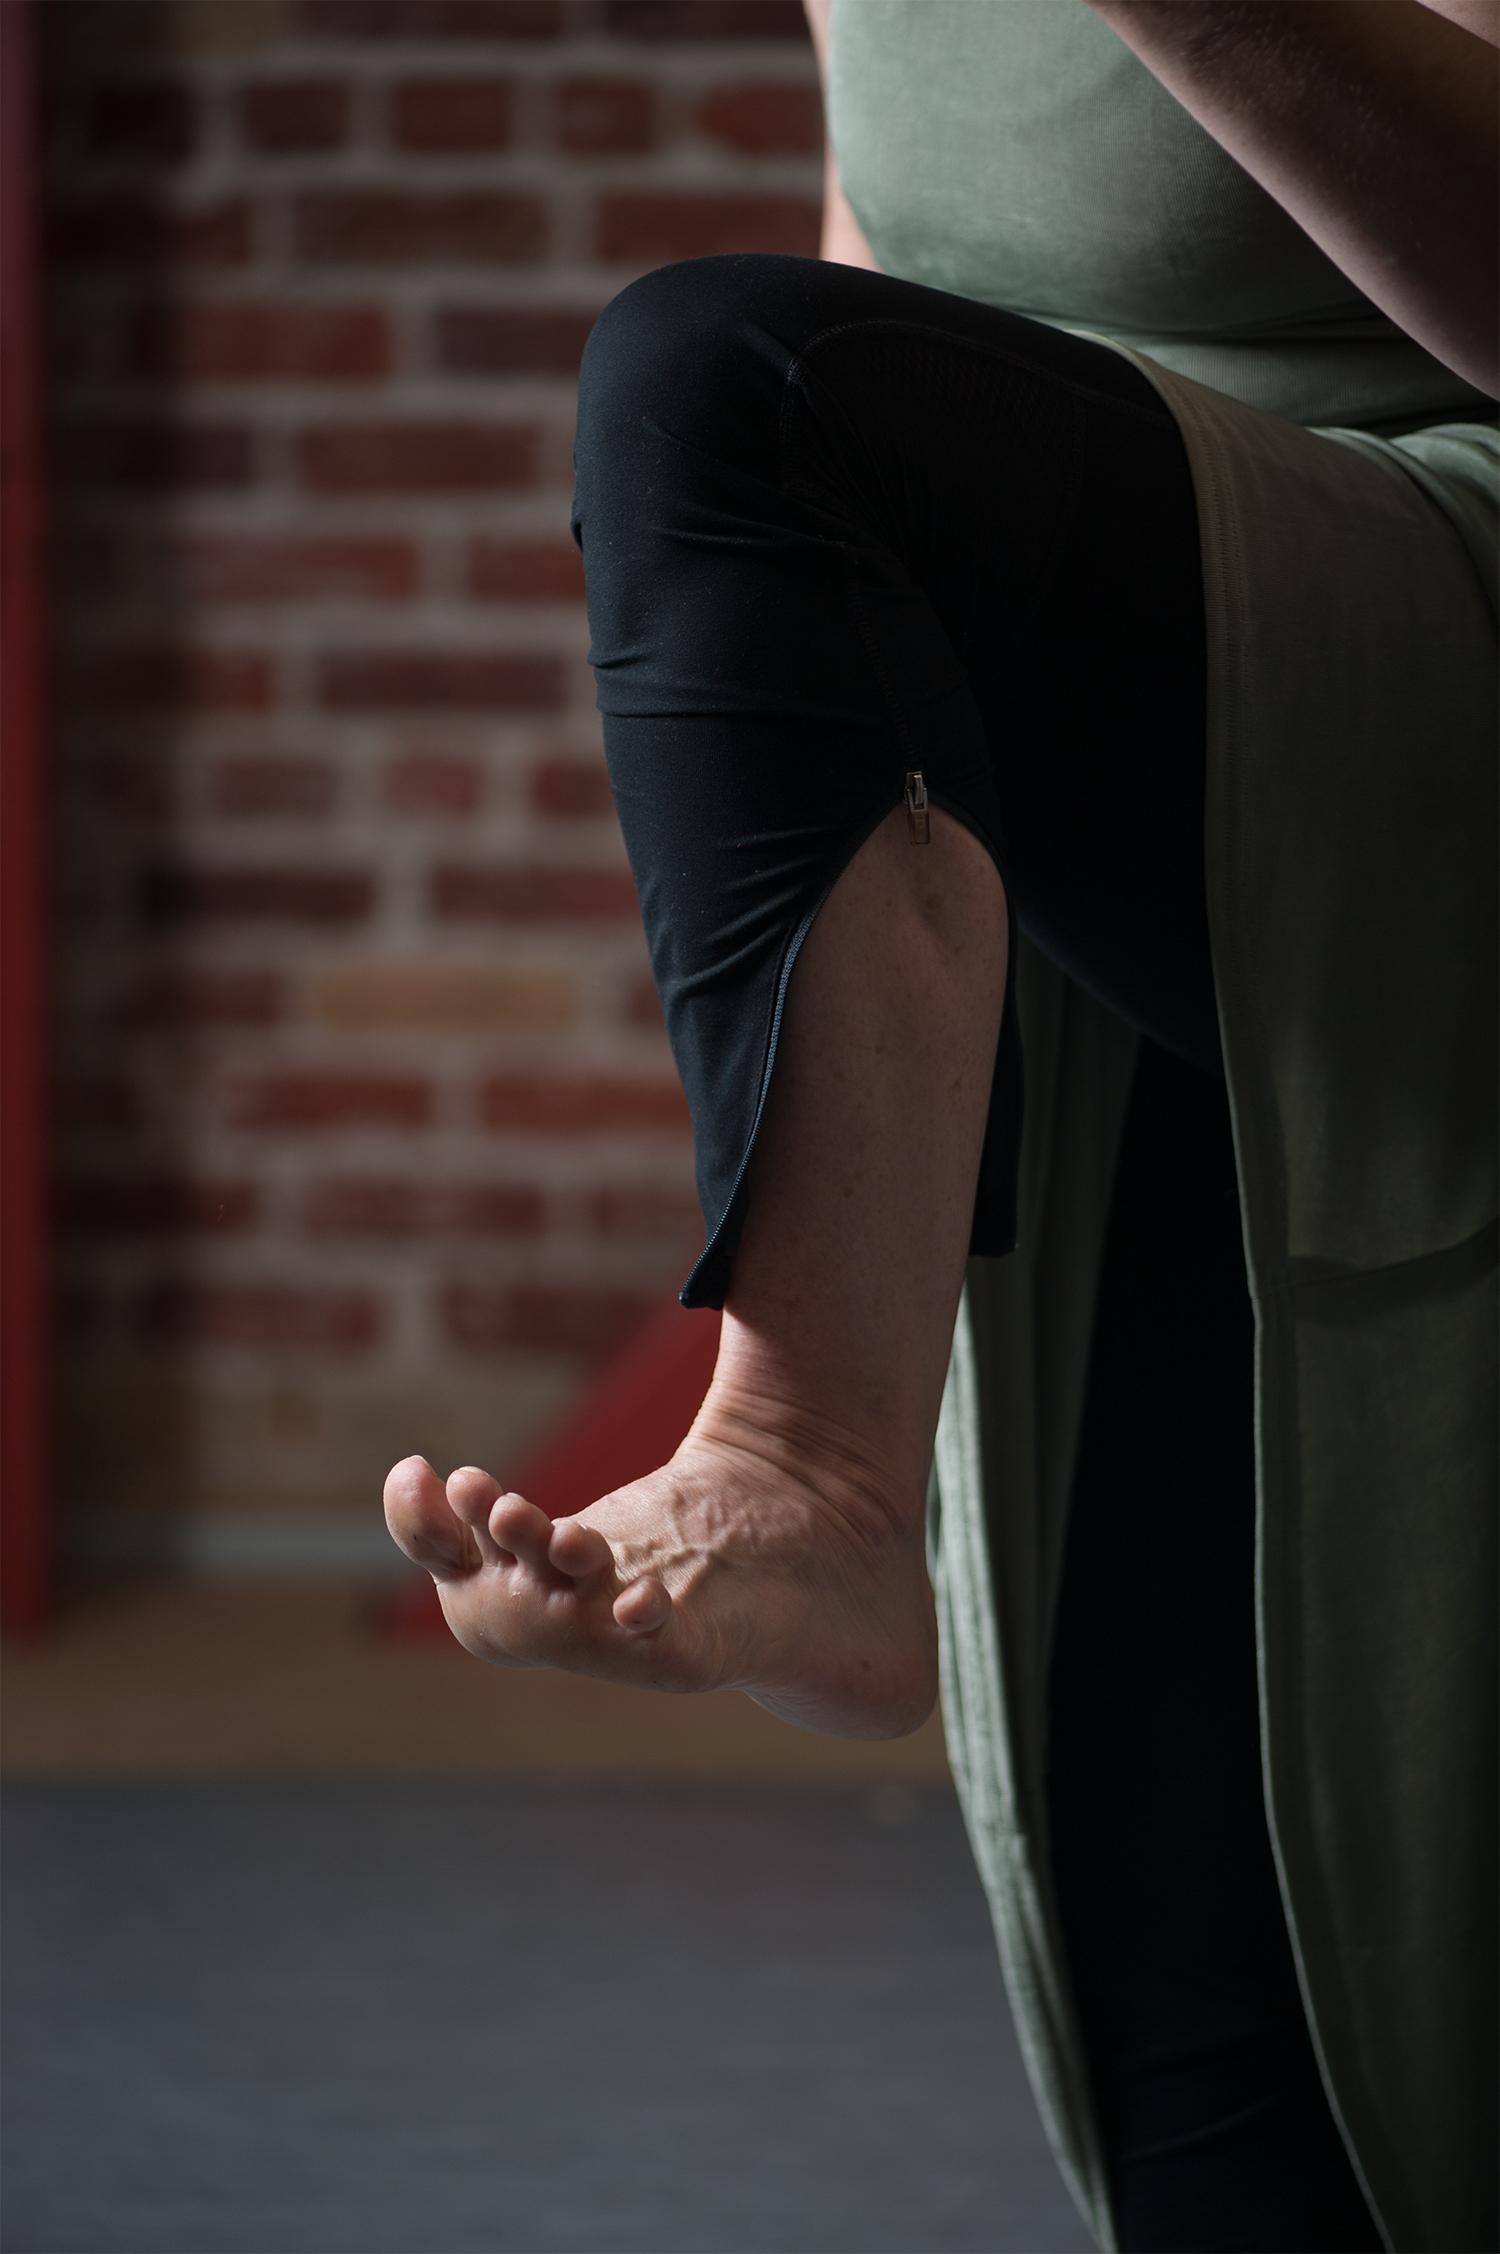 Mary Carbonara flexed foot by Lynne Fried